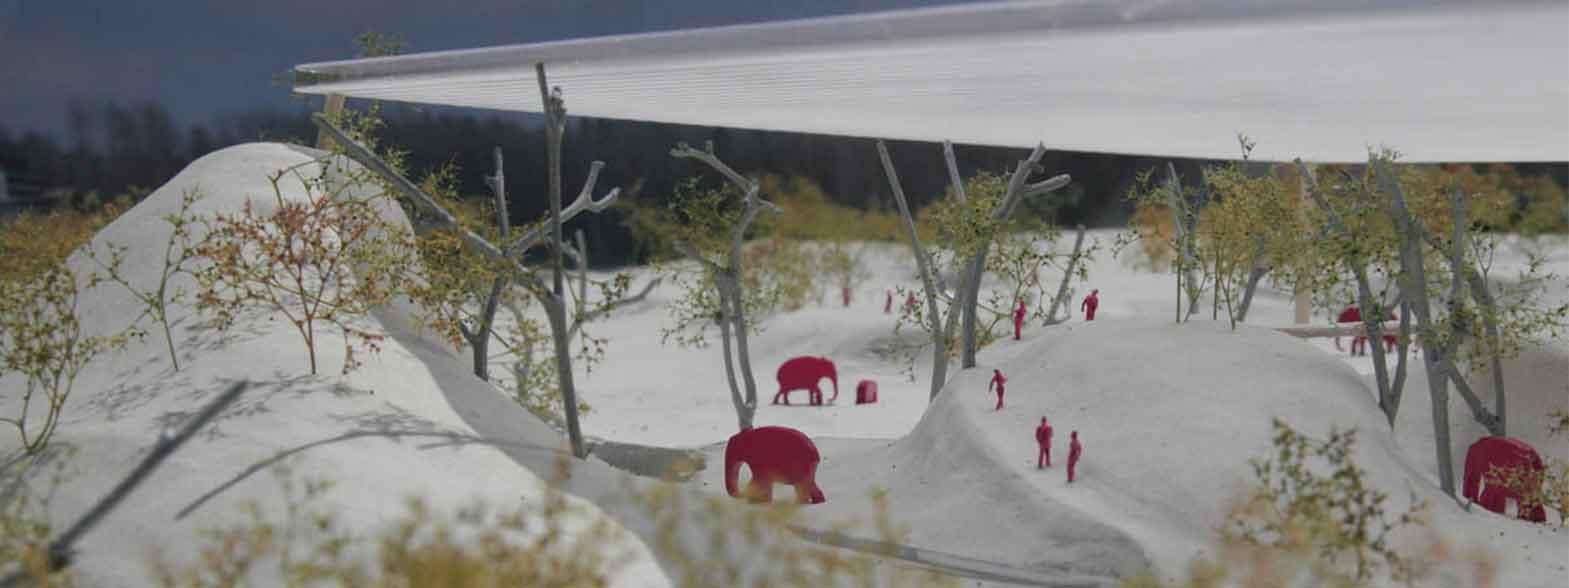 Elefant park